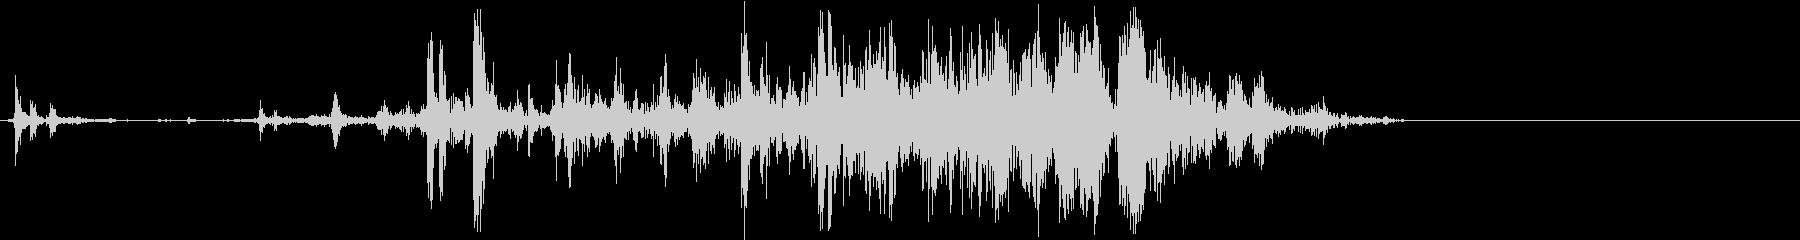 サクッ(一口かじる音)の未再生の波形